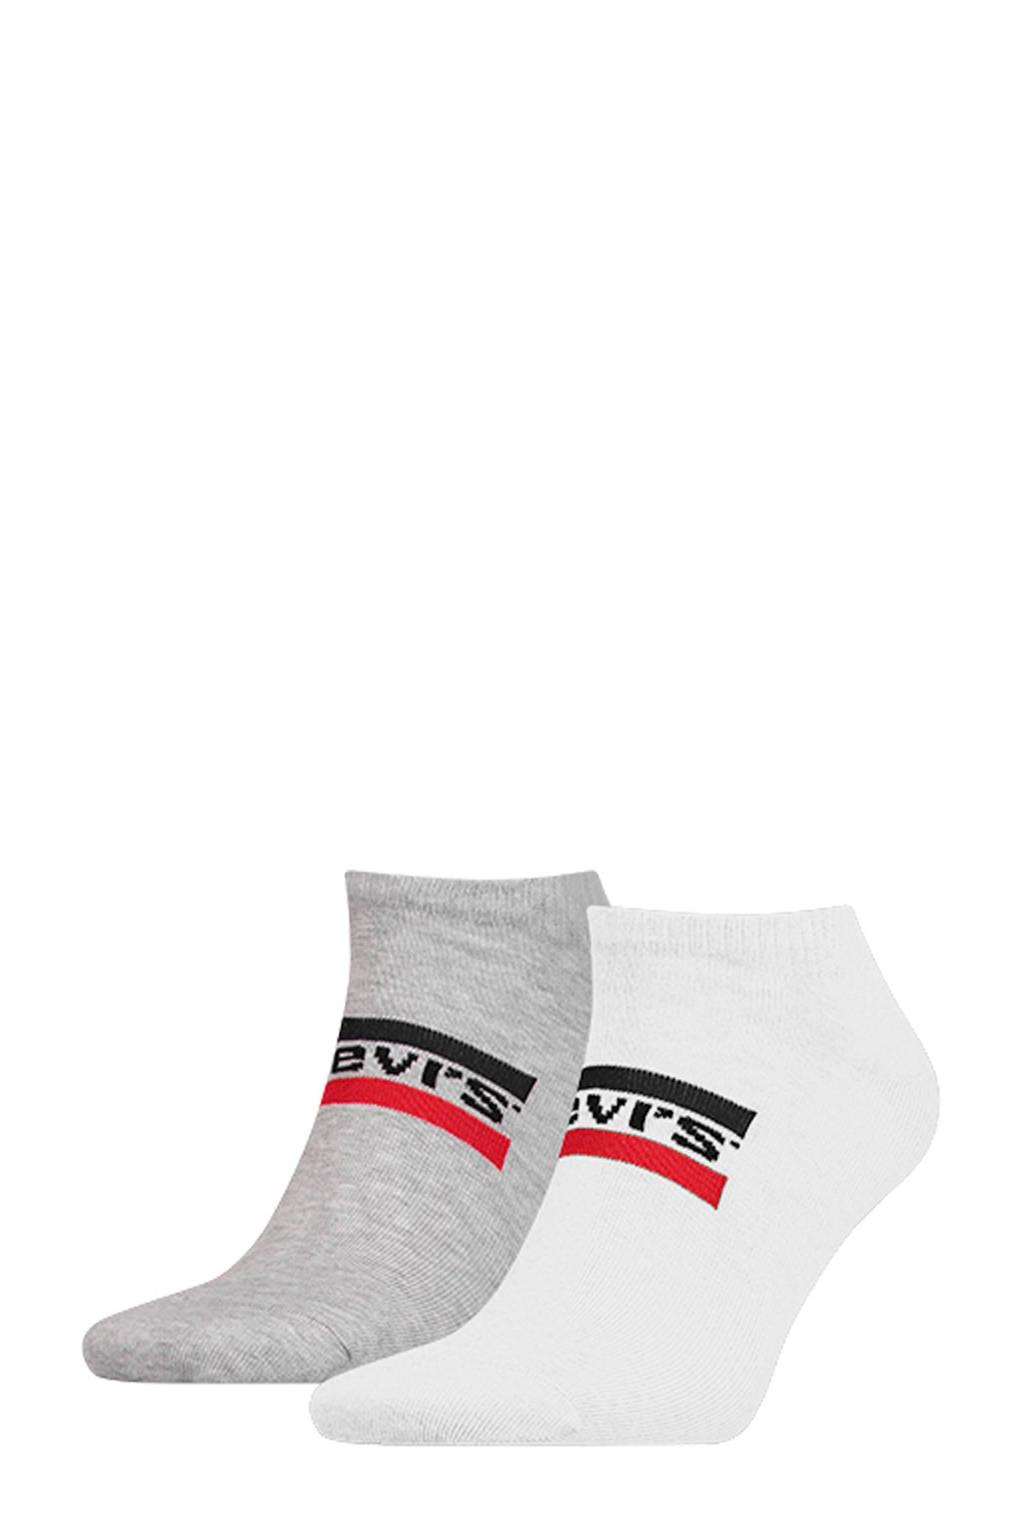 Levi's sneakersokken wit/grijs ( set van 2), Wit/grijs